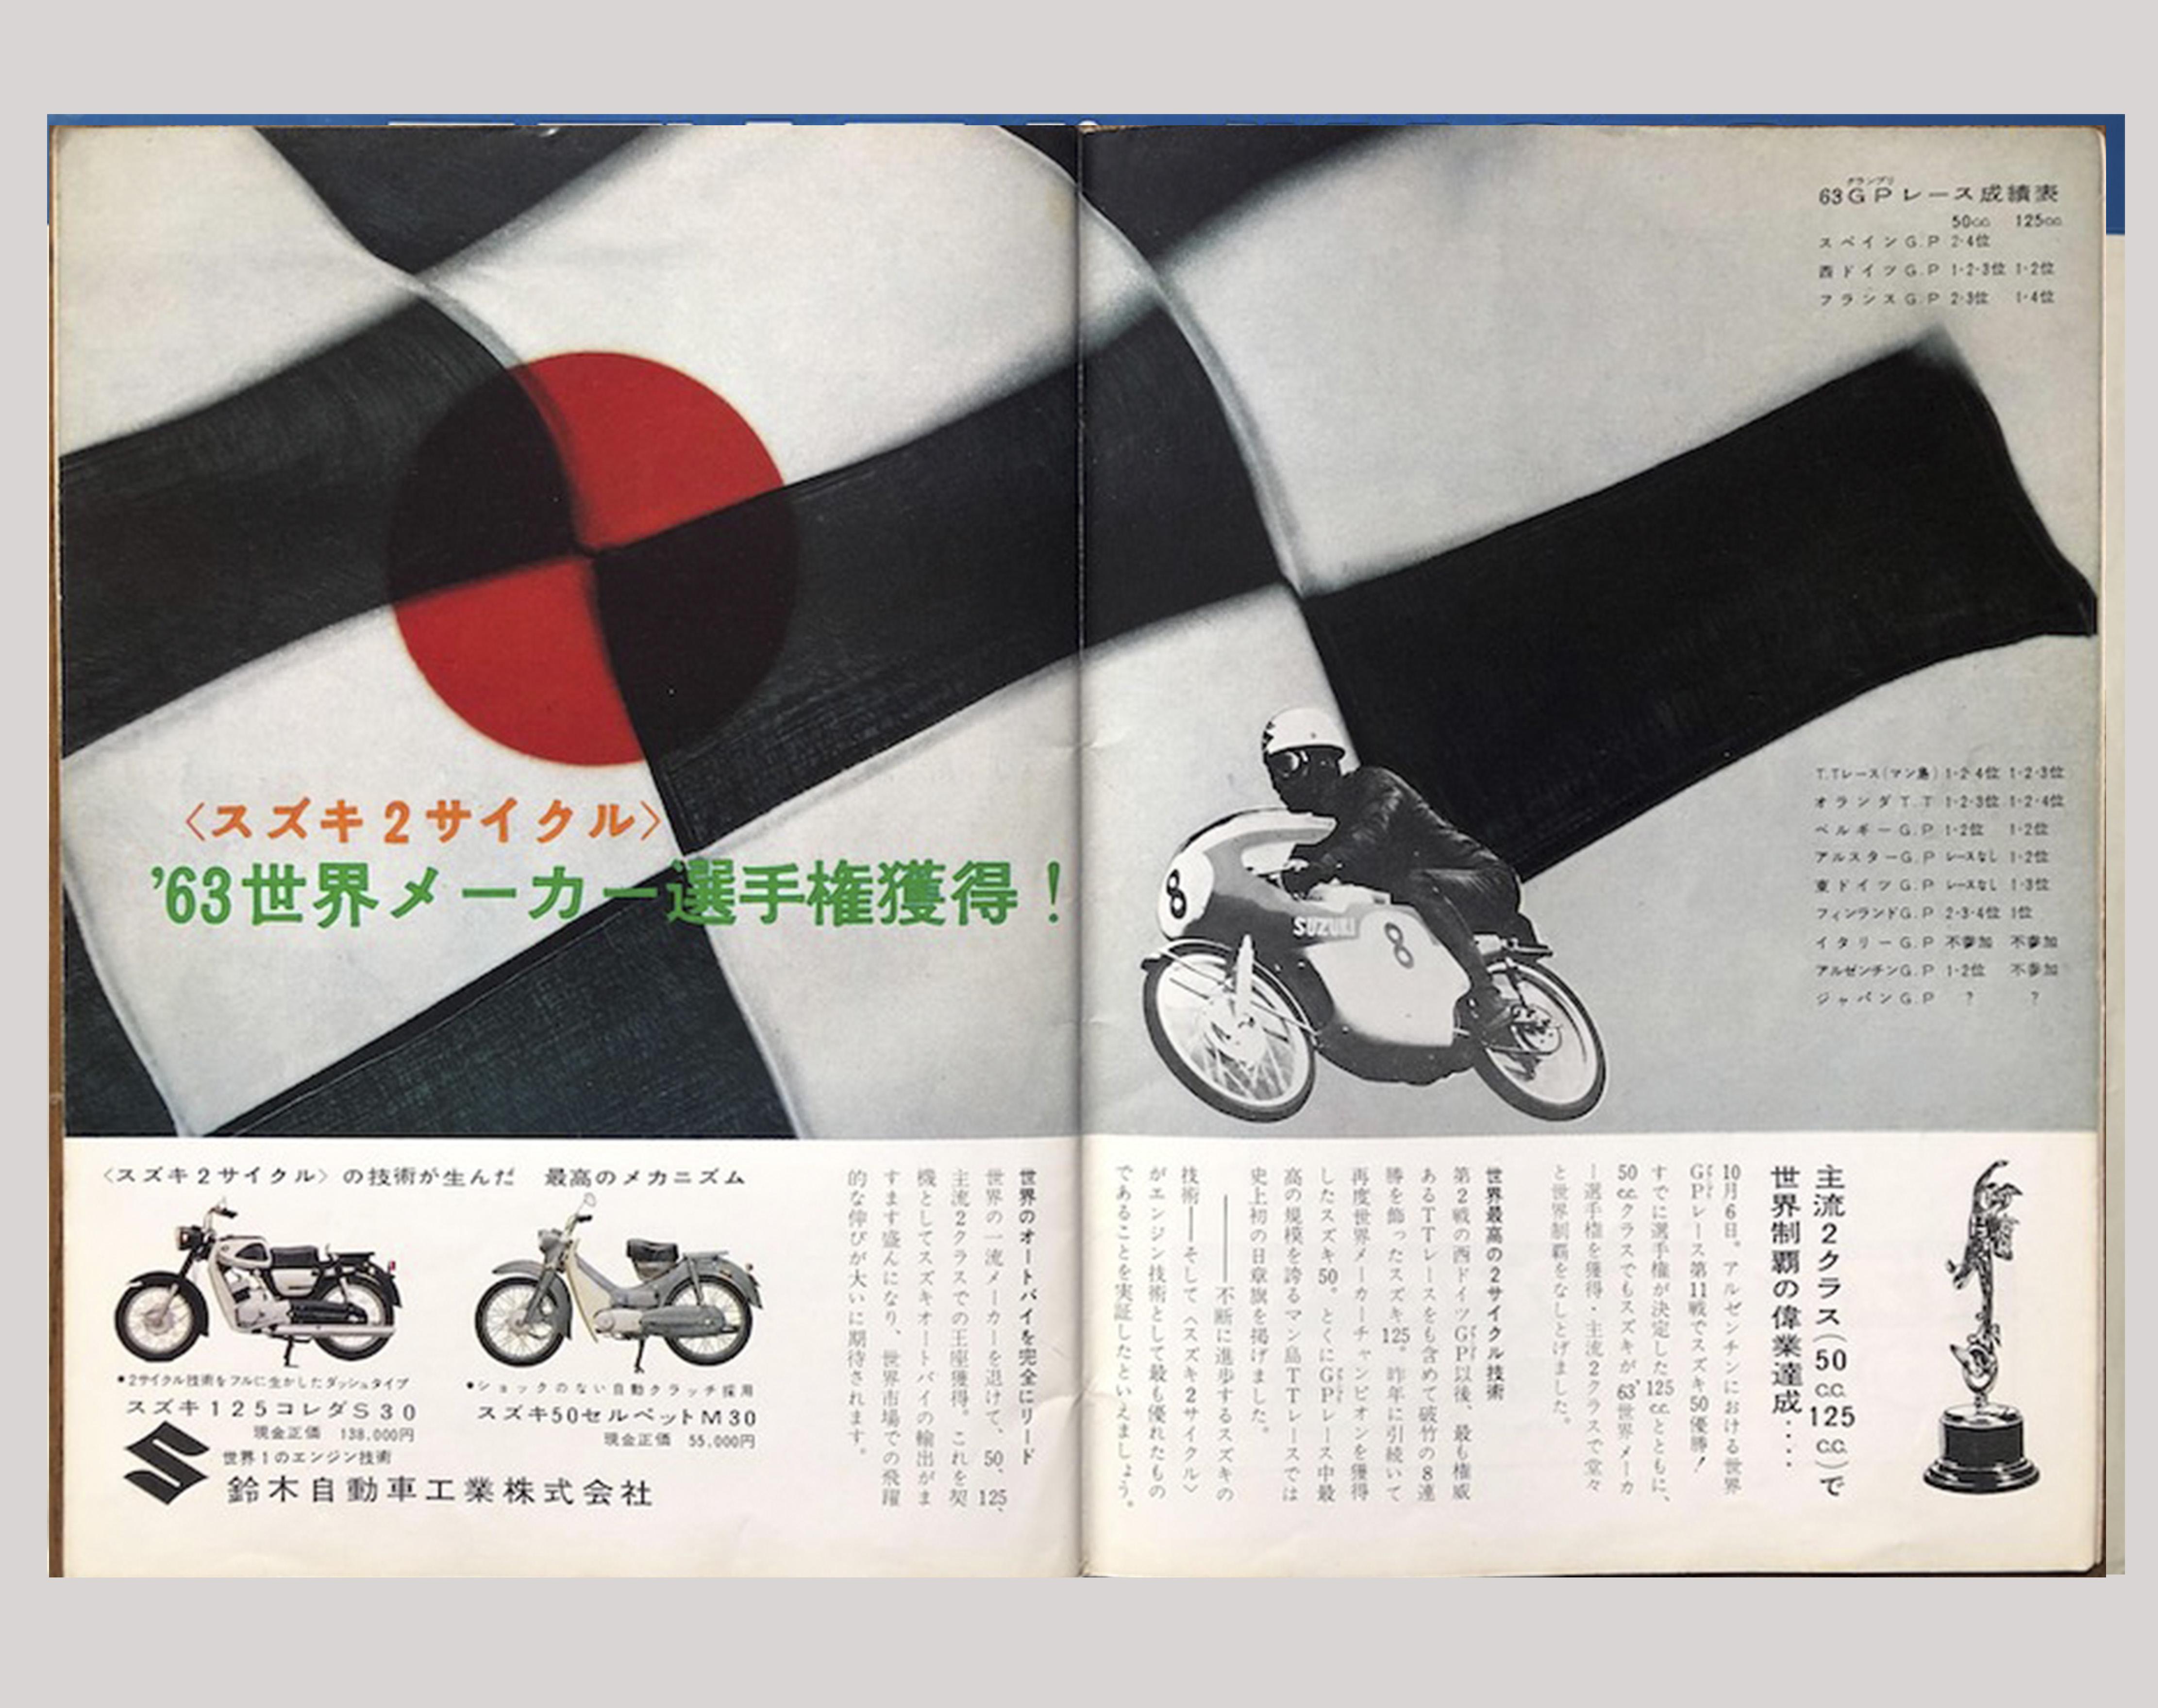 世界チャンピオン獲得の広告